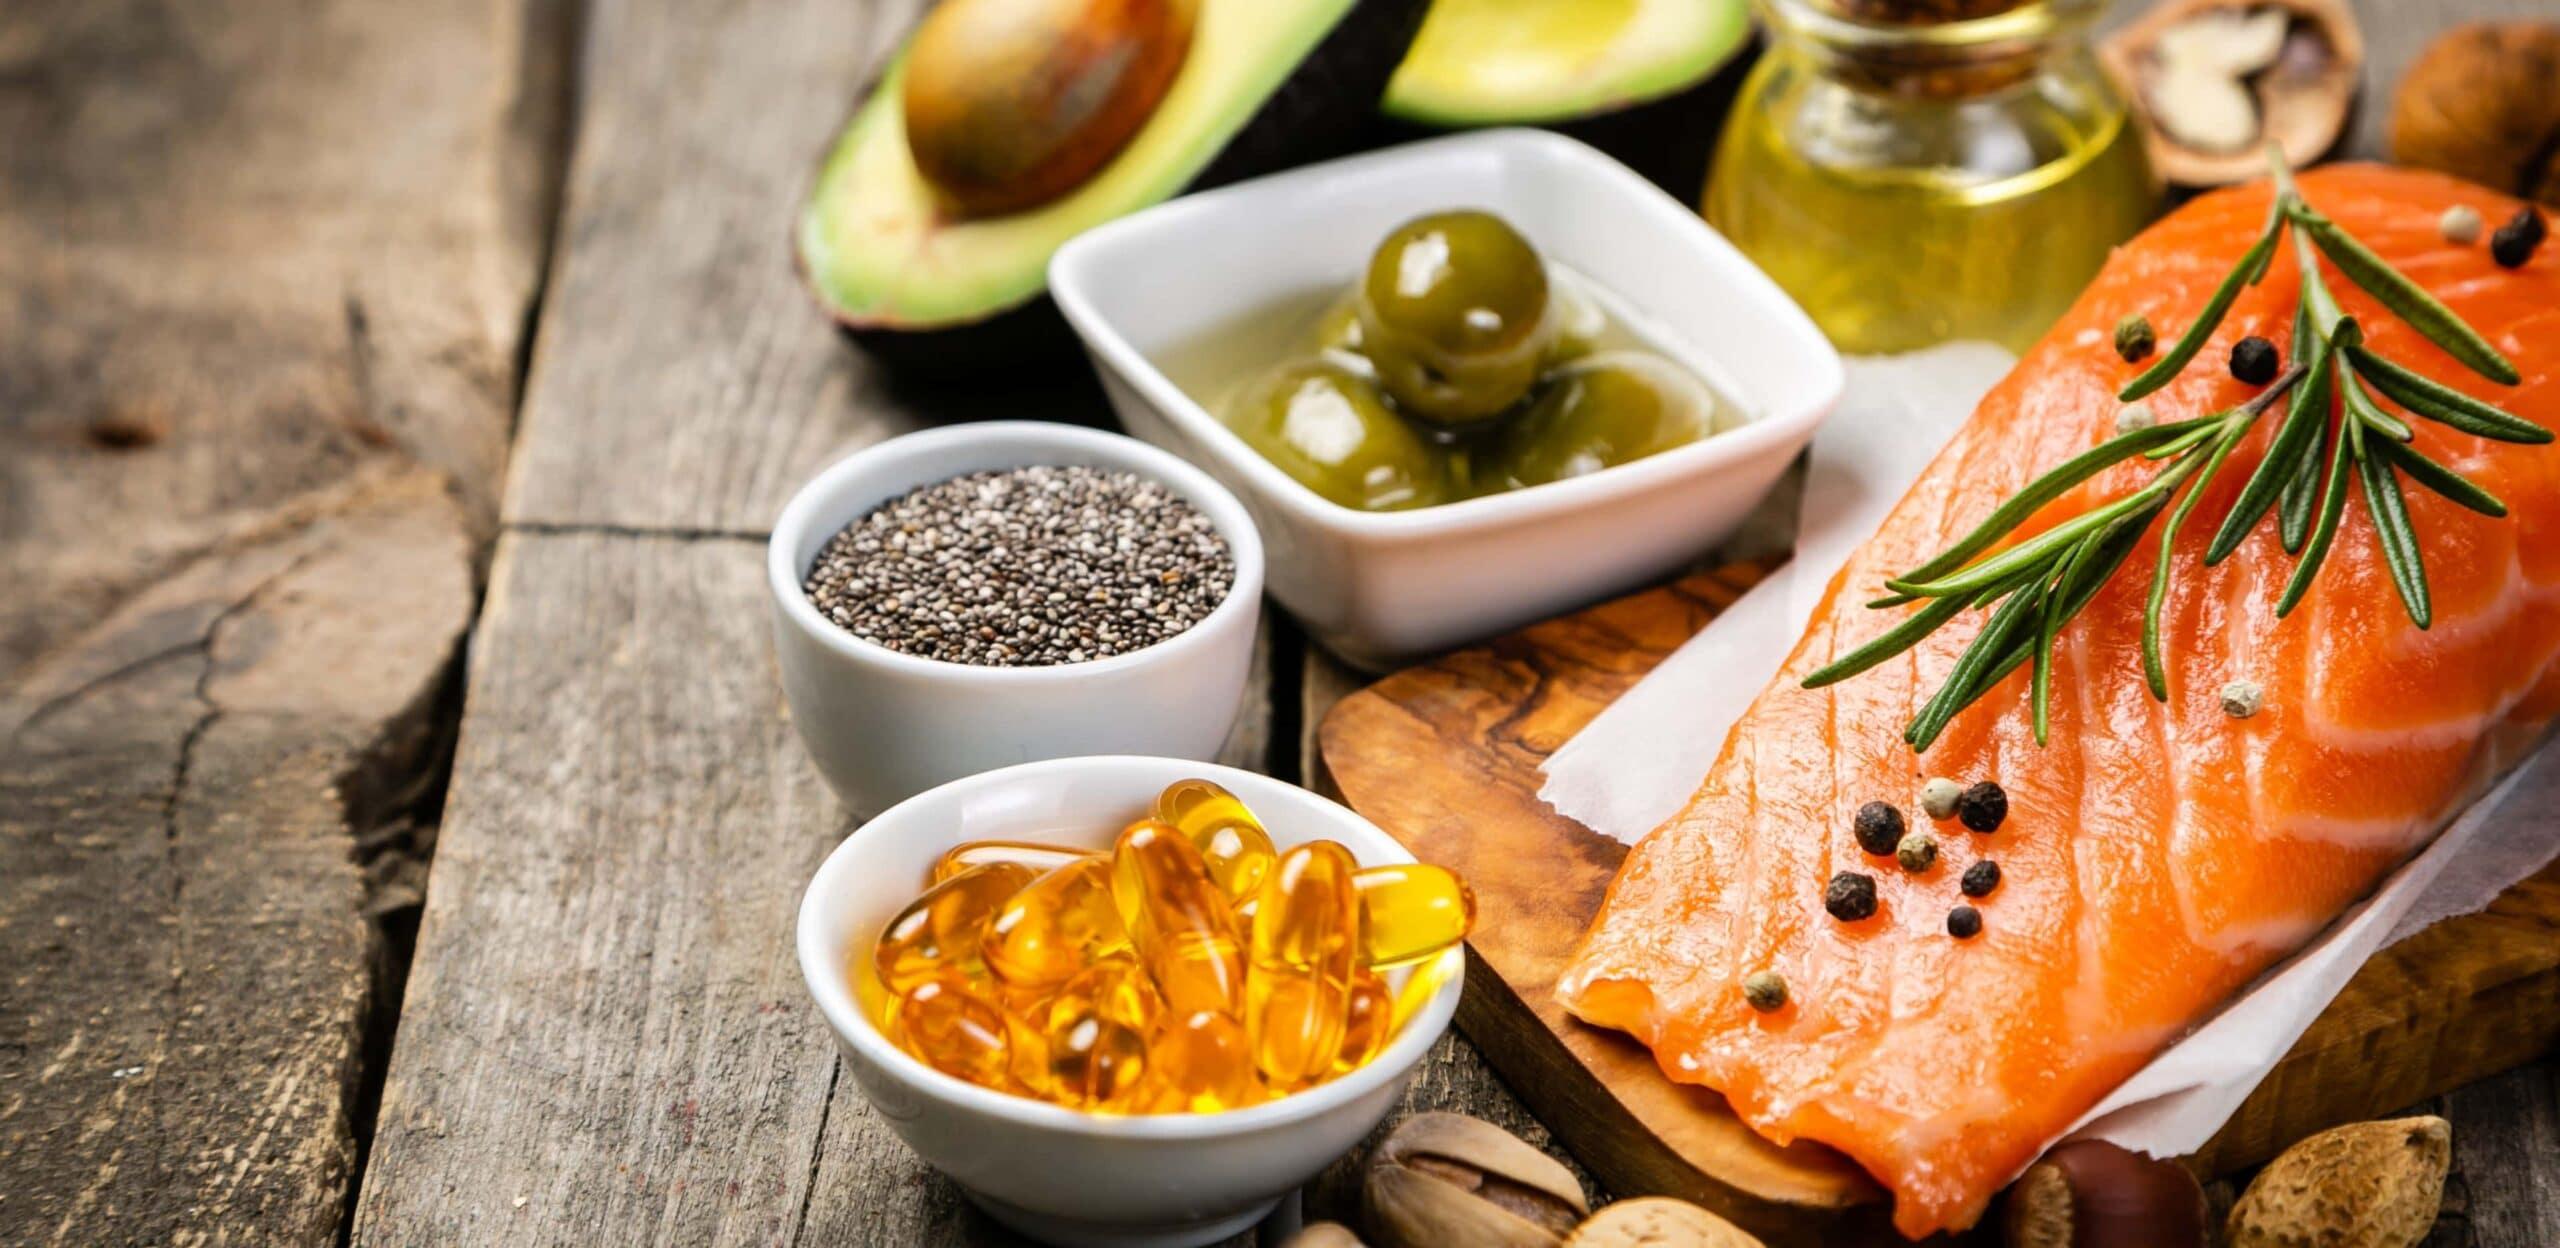 grassi polinsaturi nella dieta a cosa servono